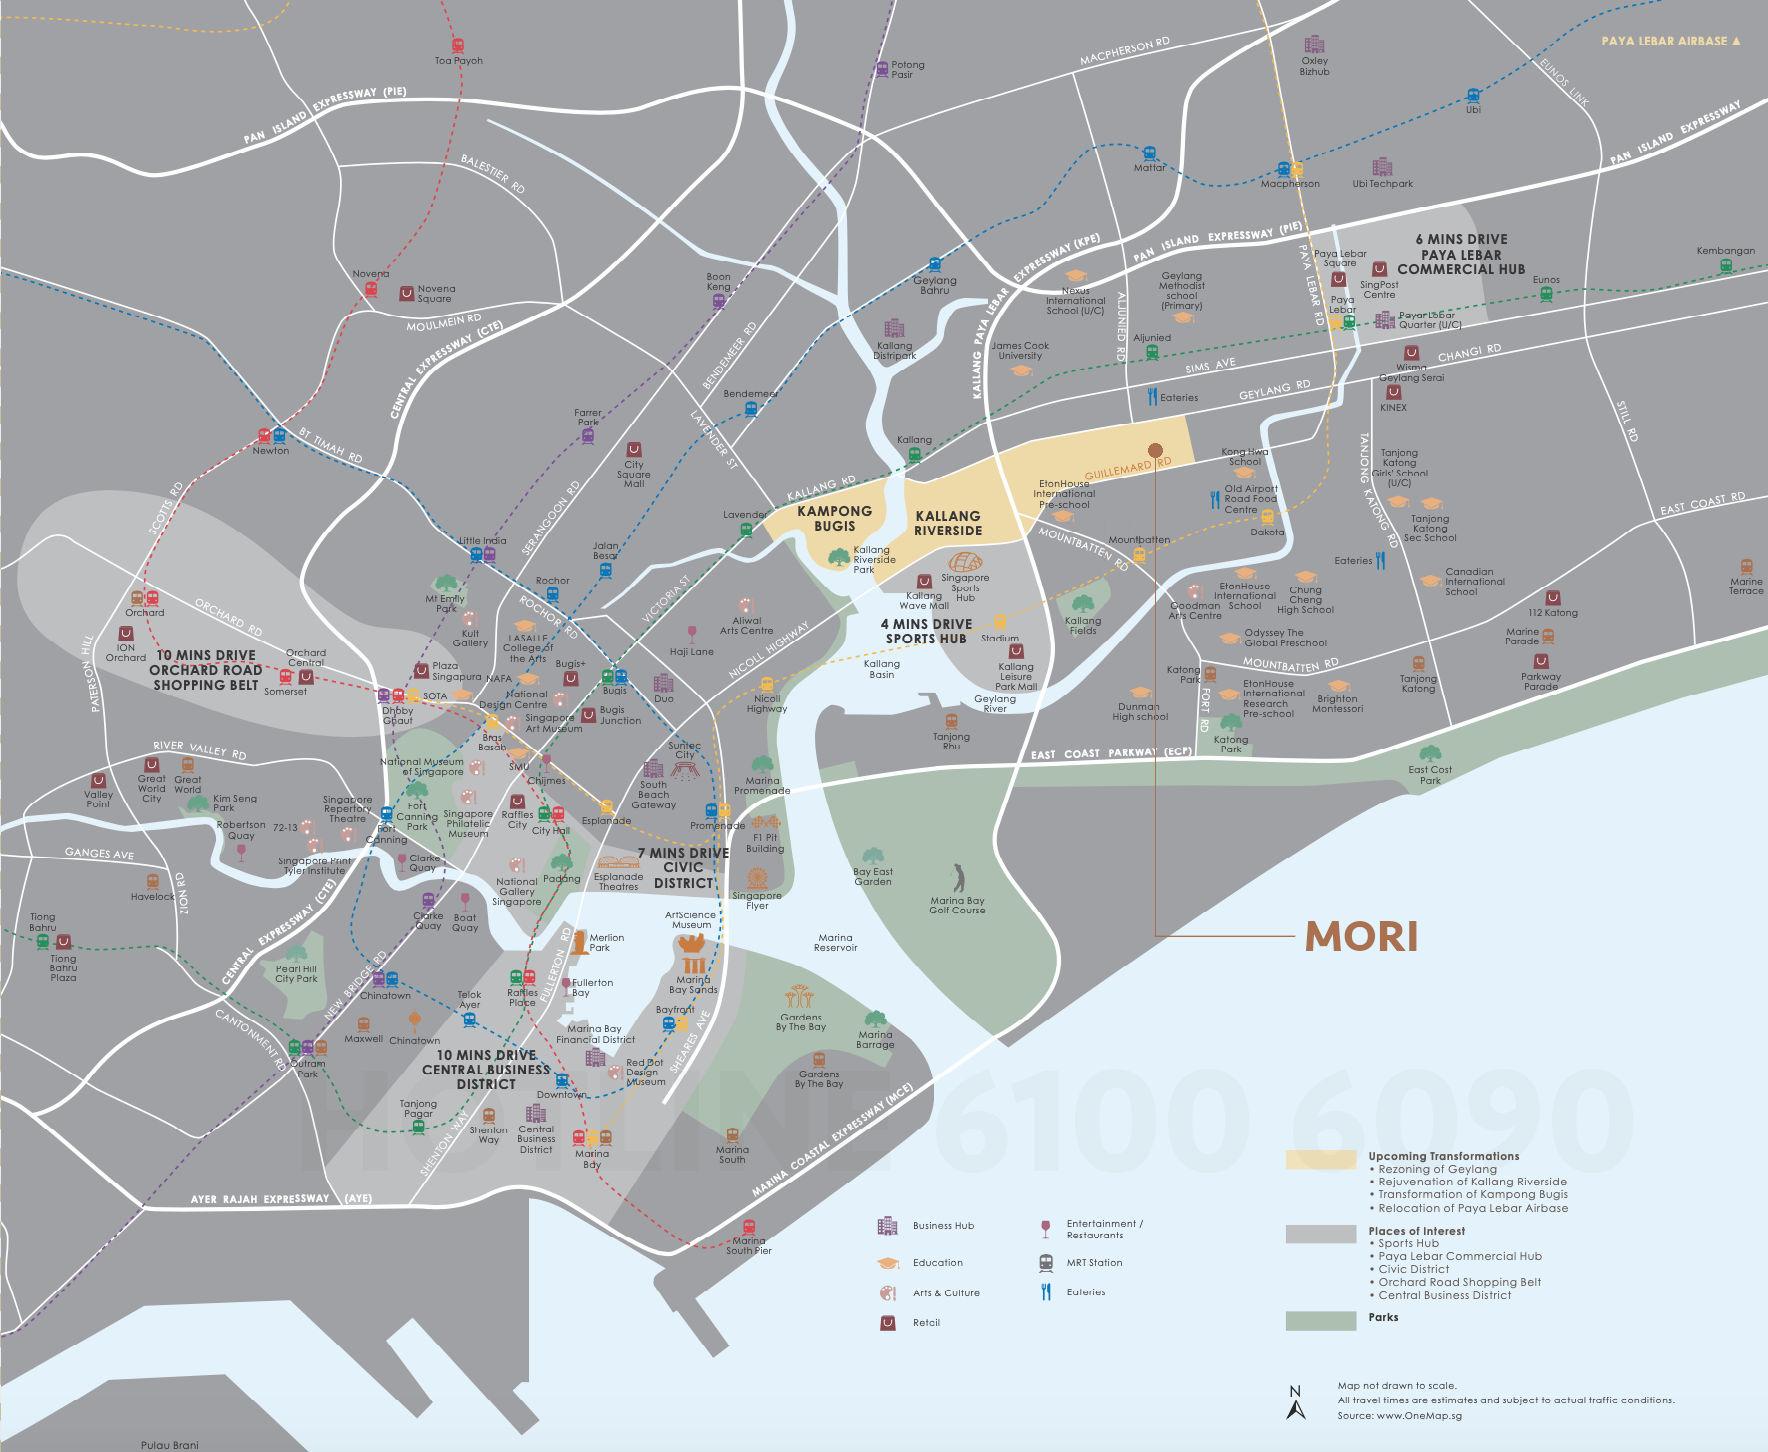 Mori Condominium Location Map . On Fringe of CBD . Click to Enlarge